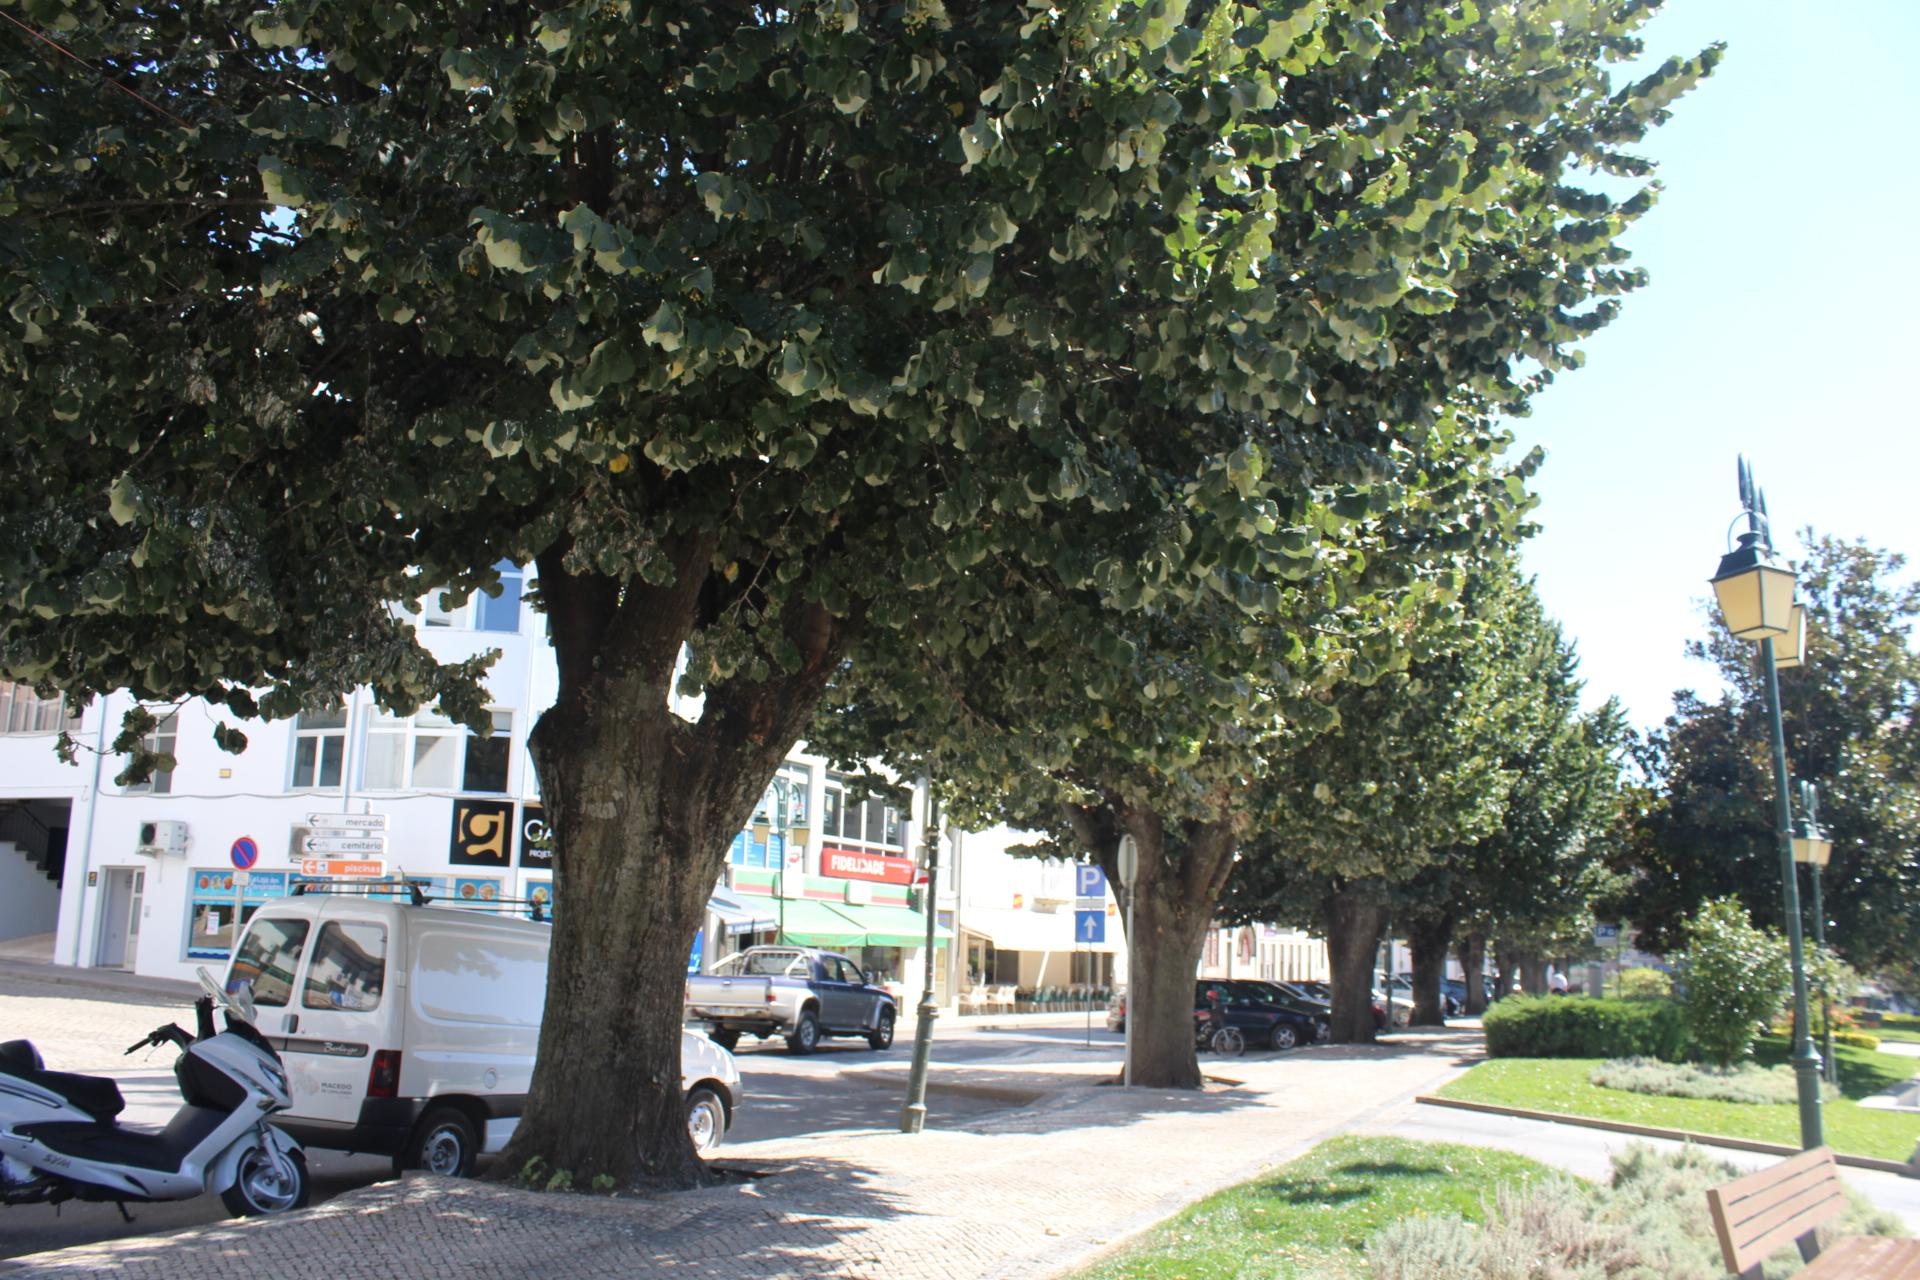 Bando de pássaros nas árvores do Jardim 1º de Maio em Macedo preocupa população